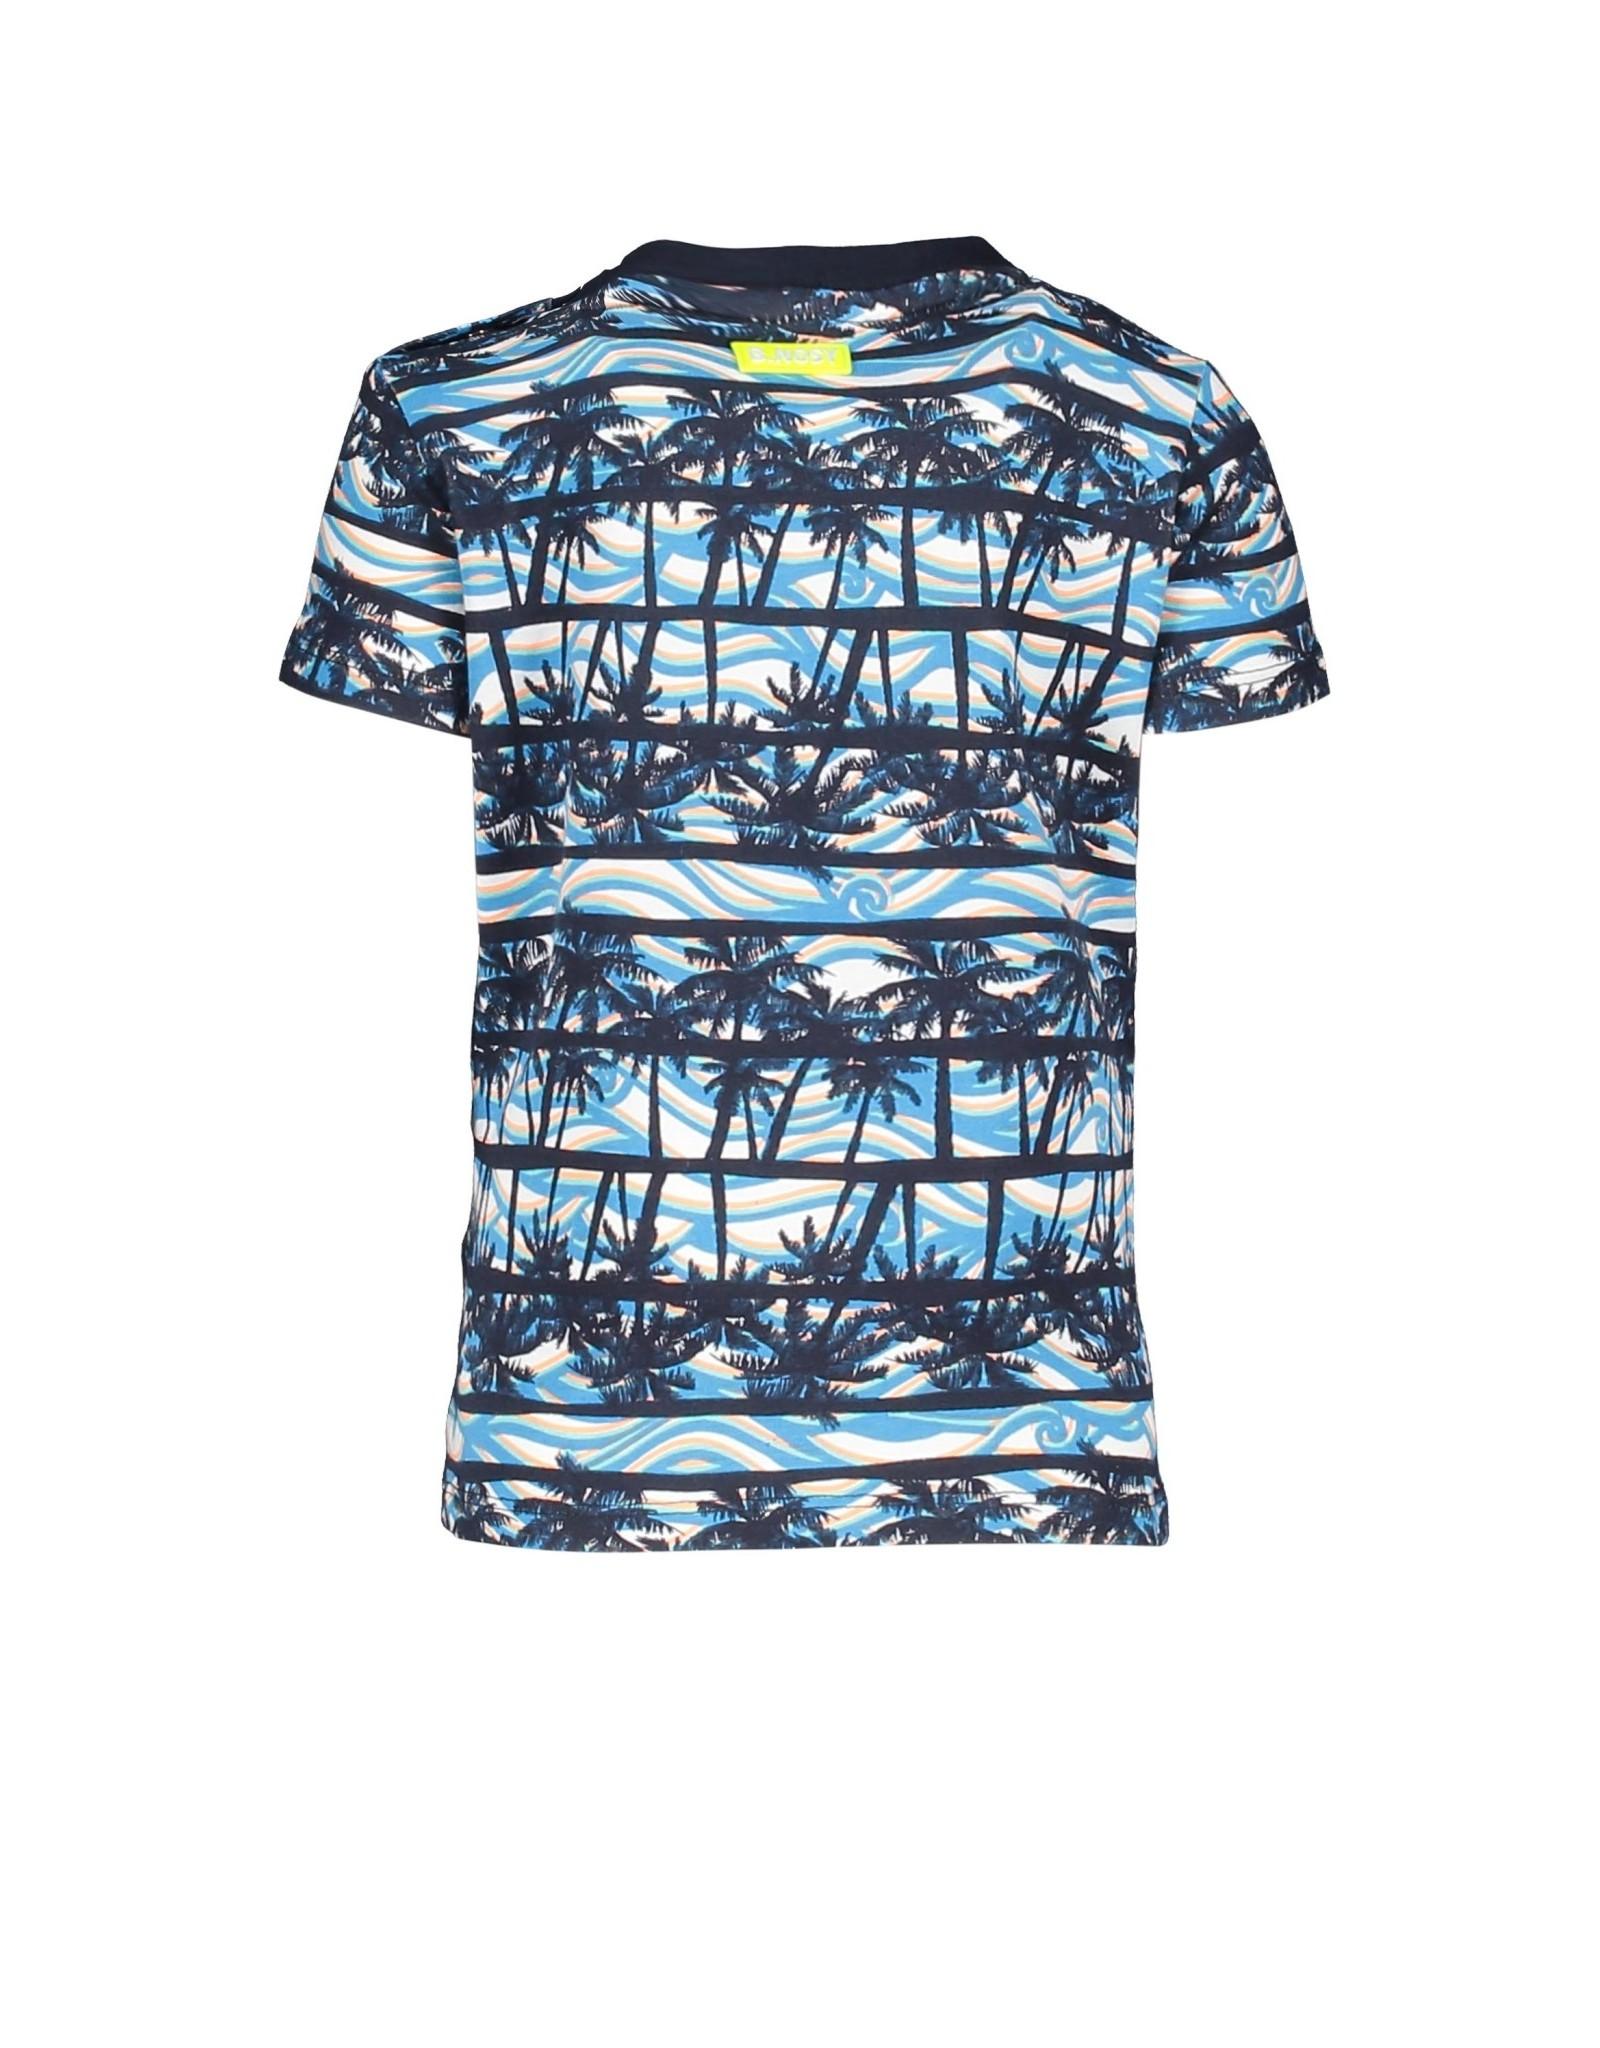 B-nosy Baby boys palm ao t-shirt with chest artwork On the beach ao